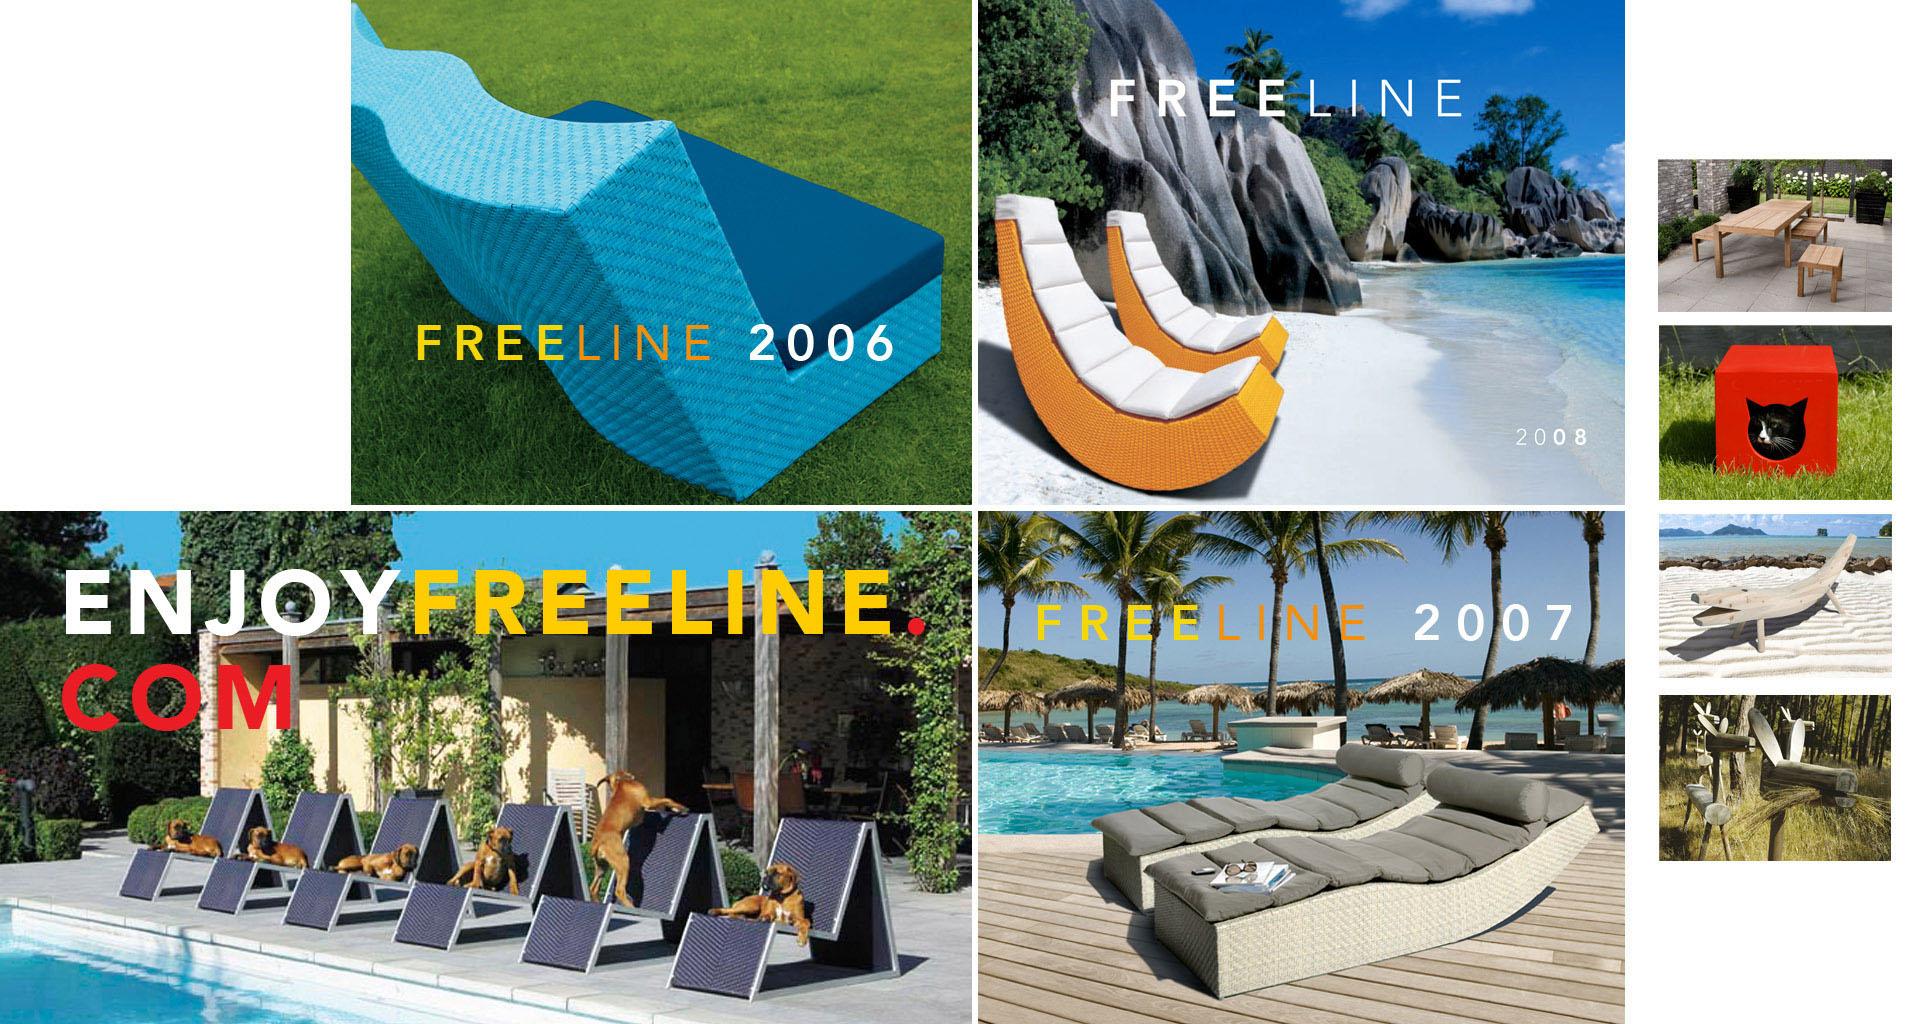 freeline-2